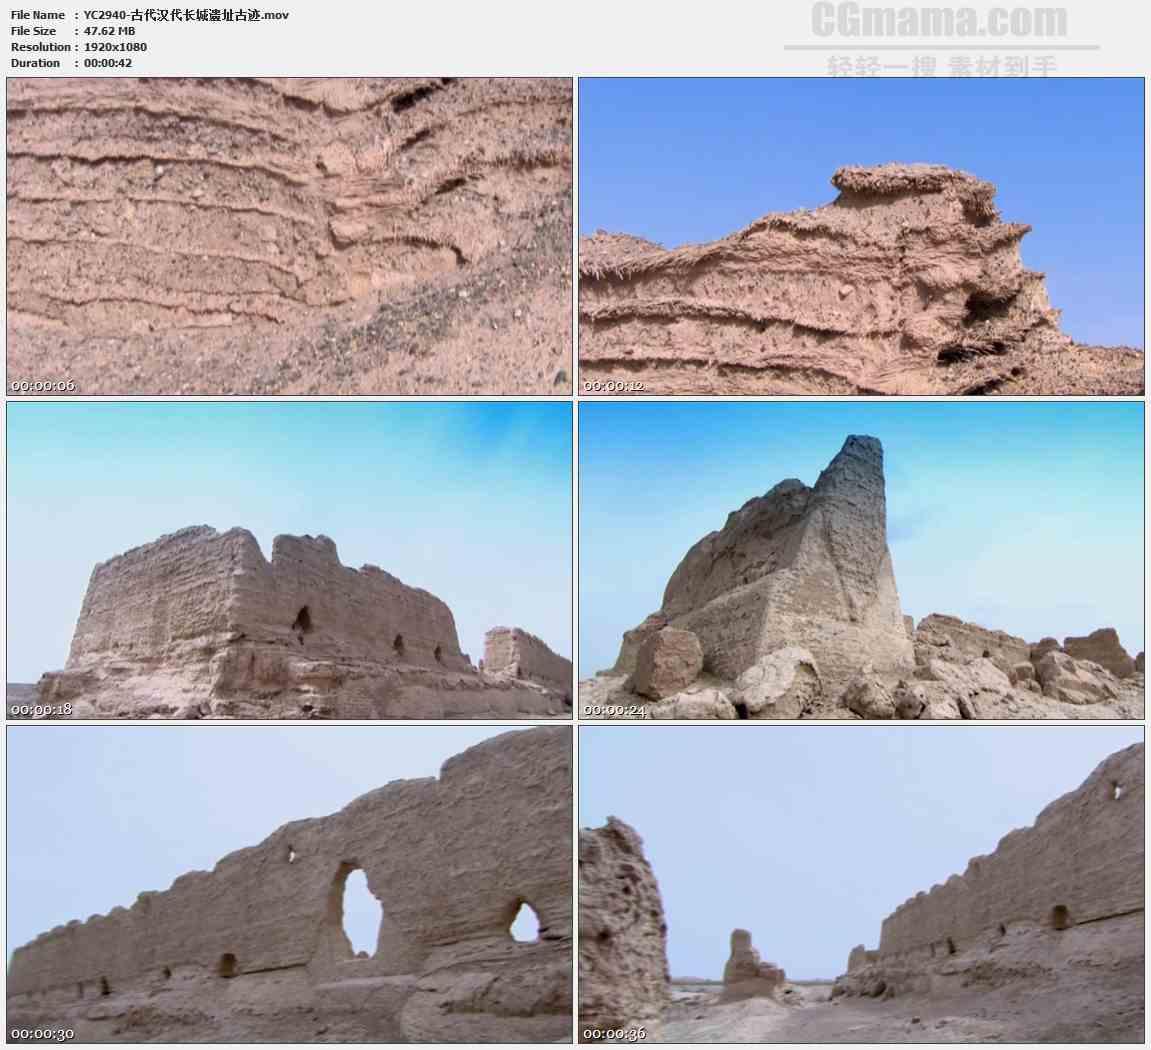 YC2940-古代汉代长城遗址古迹高清实拍视频素材